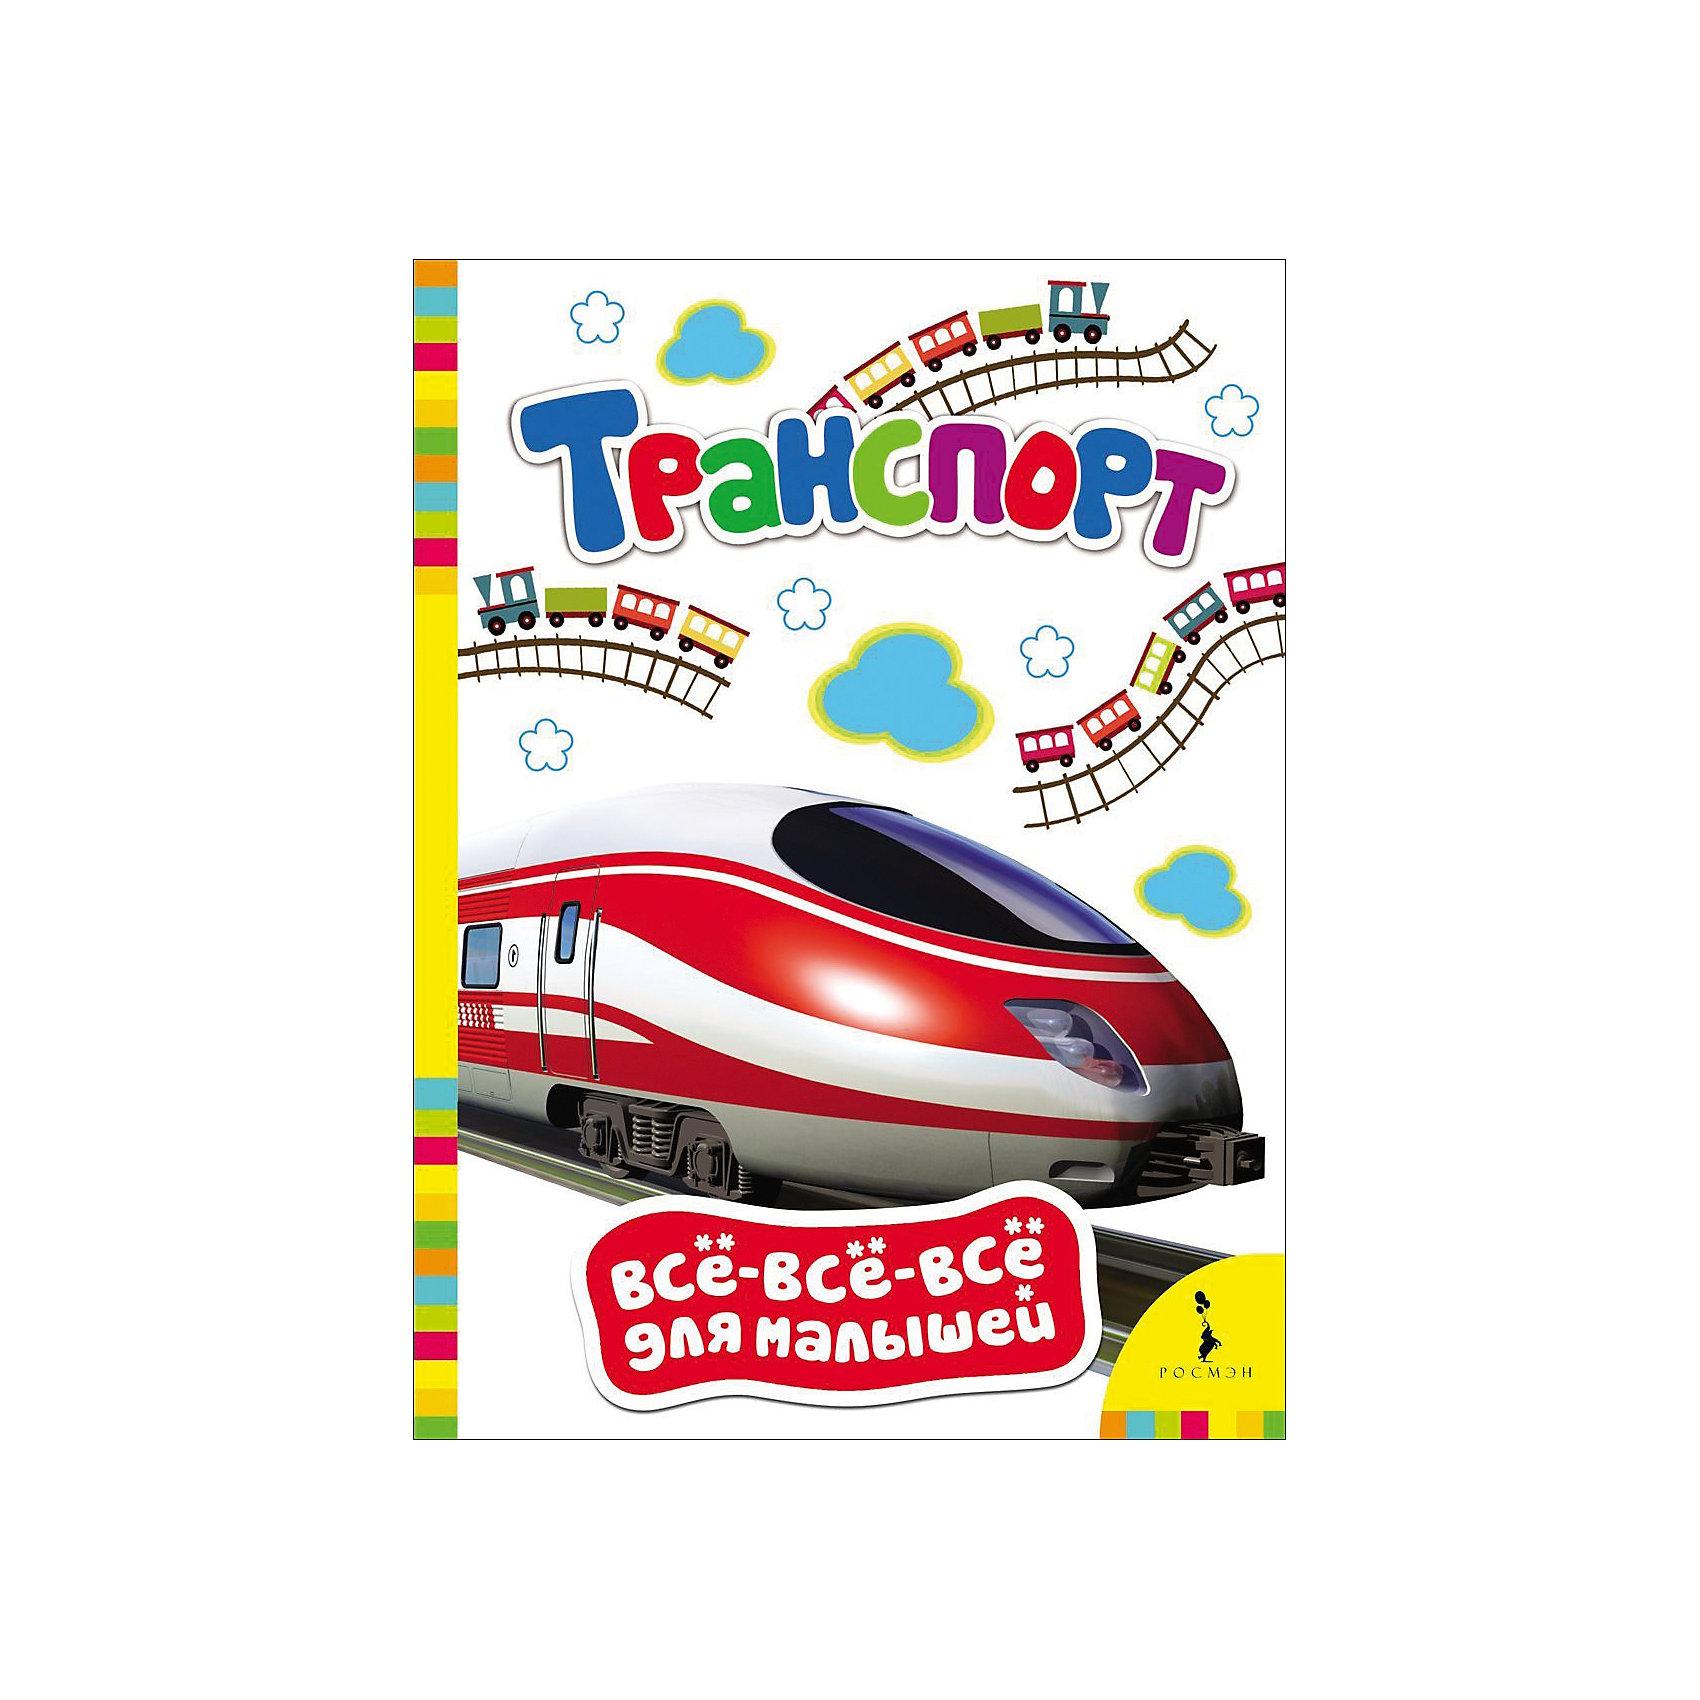 Транспорт, Всё-всё-всё для малышейХарактеристики товара:<br><br>- цвет: разноцветный;<br>- материал: бумага;<br>- страниц: 8;<br>- формат: 16 х 22 см;<br>- обложка: твердая;<br>- иллюстрации.<br><br>Получать нужные знания можно в веселой форме! Эта интересная книга с иллюстрациями станет отличным подарком для ребенка. Она поможет малышу расширить словарный запас, узнать новое и равить навыки общения. Талантливый иллюстратор дополнил книгу качественными рисунками, которые помогают ребенку познавать мир.<br>Чтение - отличный способ активизации мышления, оно помогает ребенку развивать зрительную память, концентрацию внимания и воображение. Издание произведено из качественных материалов, которые безопасны даже для самых маленьких.<br><br>Книгу Транспорт, Всё-всё-всё для малышей от компании Росмэн можно купить в нашем интернет-магазине.<br><br>Ширина мм: 220<br>Глубина мм: 160<br>Высота мм: 4<br>Вес г: 110<br>Возраст от месяцев: 0<br>Возраст до месяцев: 36<br>Пол: Унисекс<br>Возраст: Детский<br>SKU: 5110252